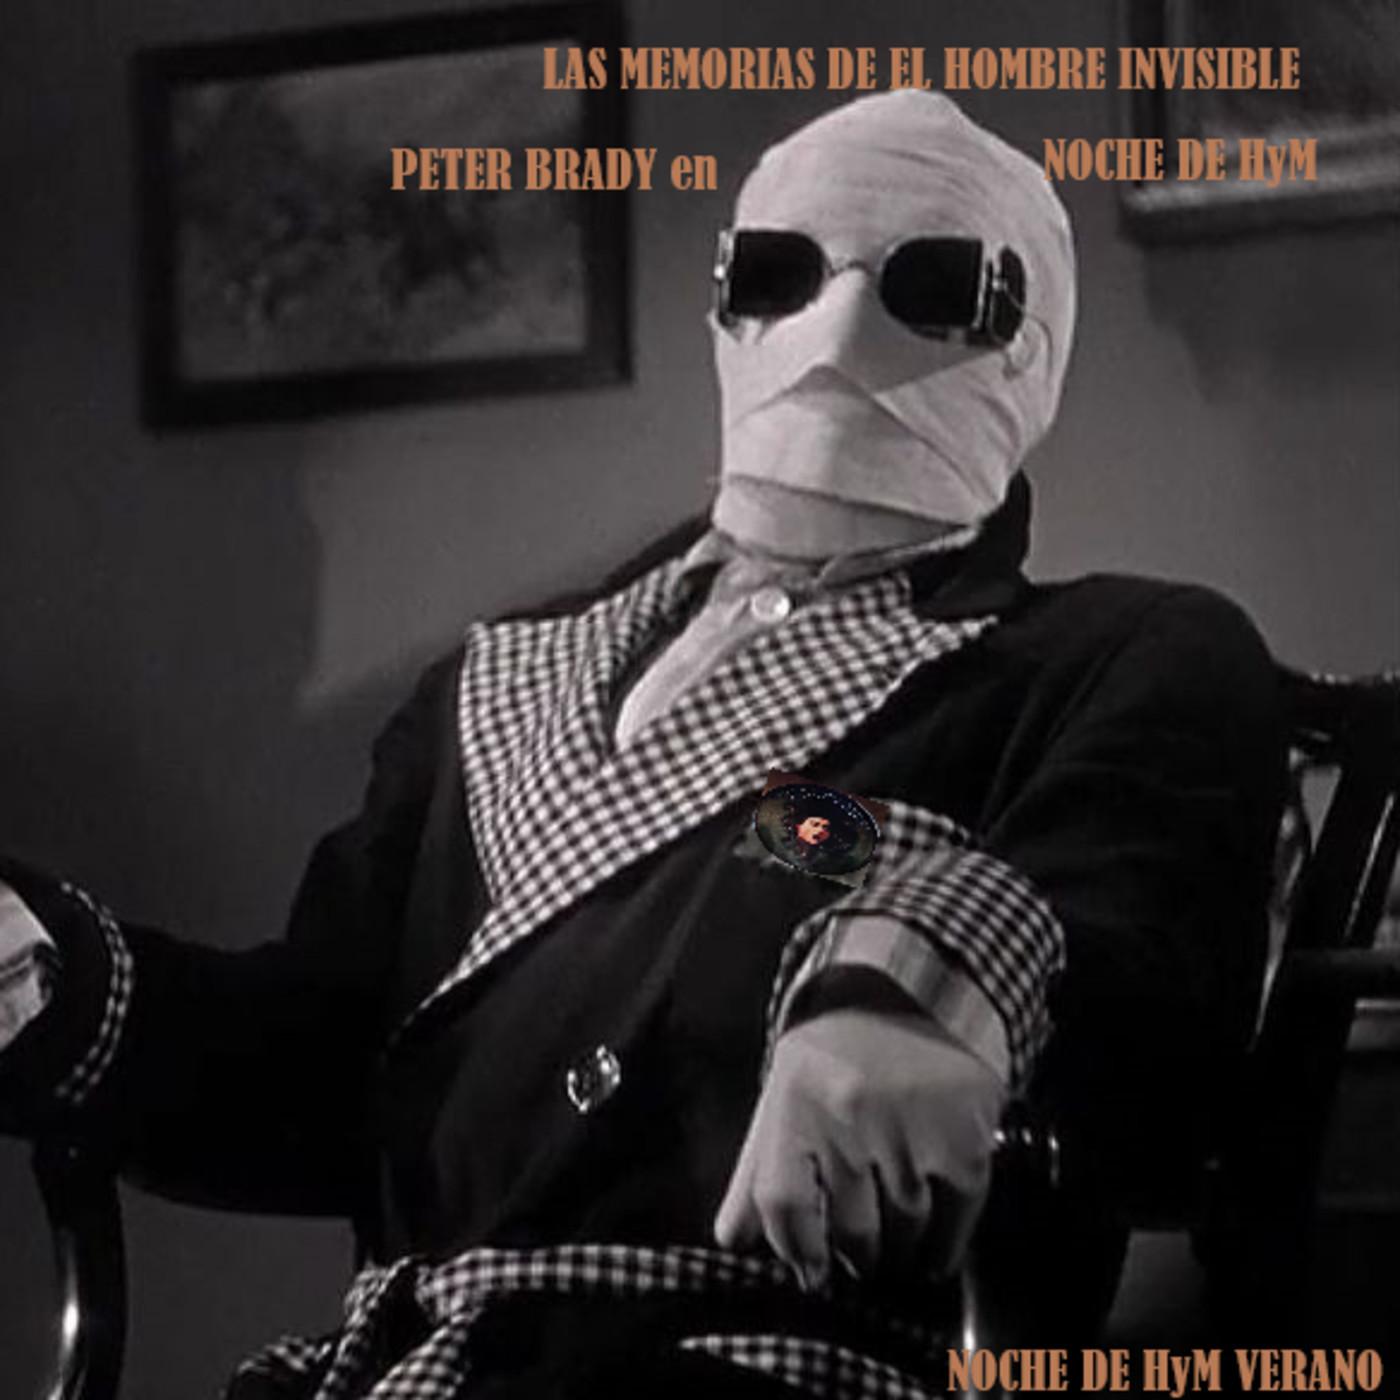 NochedeHyM-415-Verano - LAS MEMORIAS DE EL HOMBRE INVISIBLE. Cap. 2